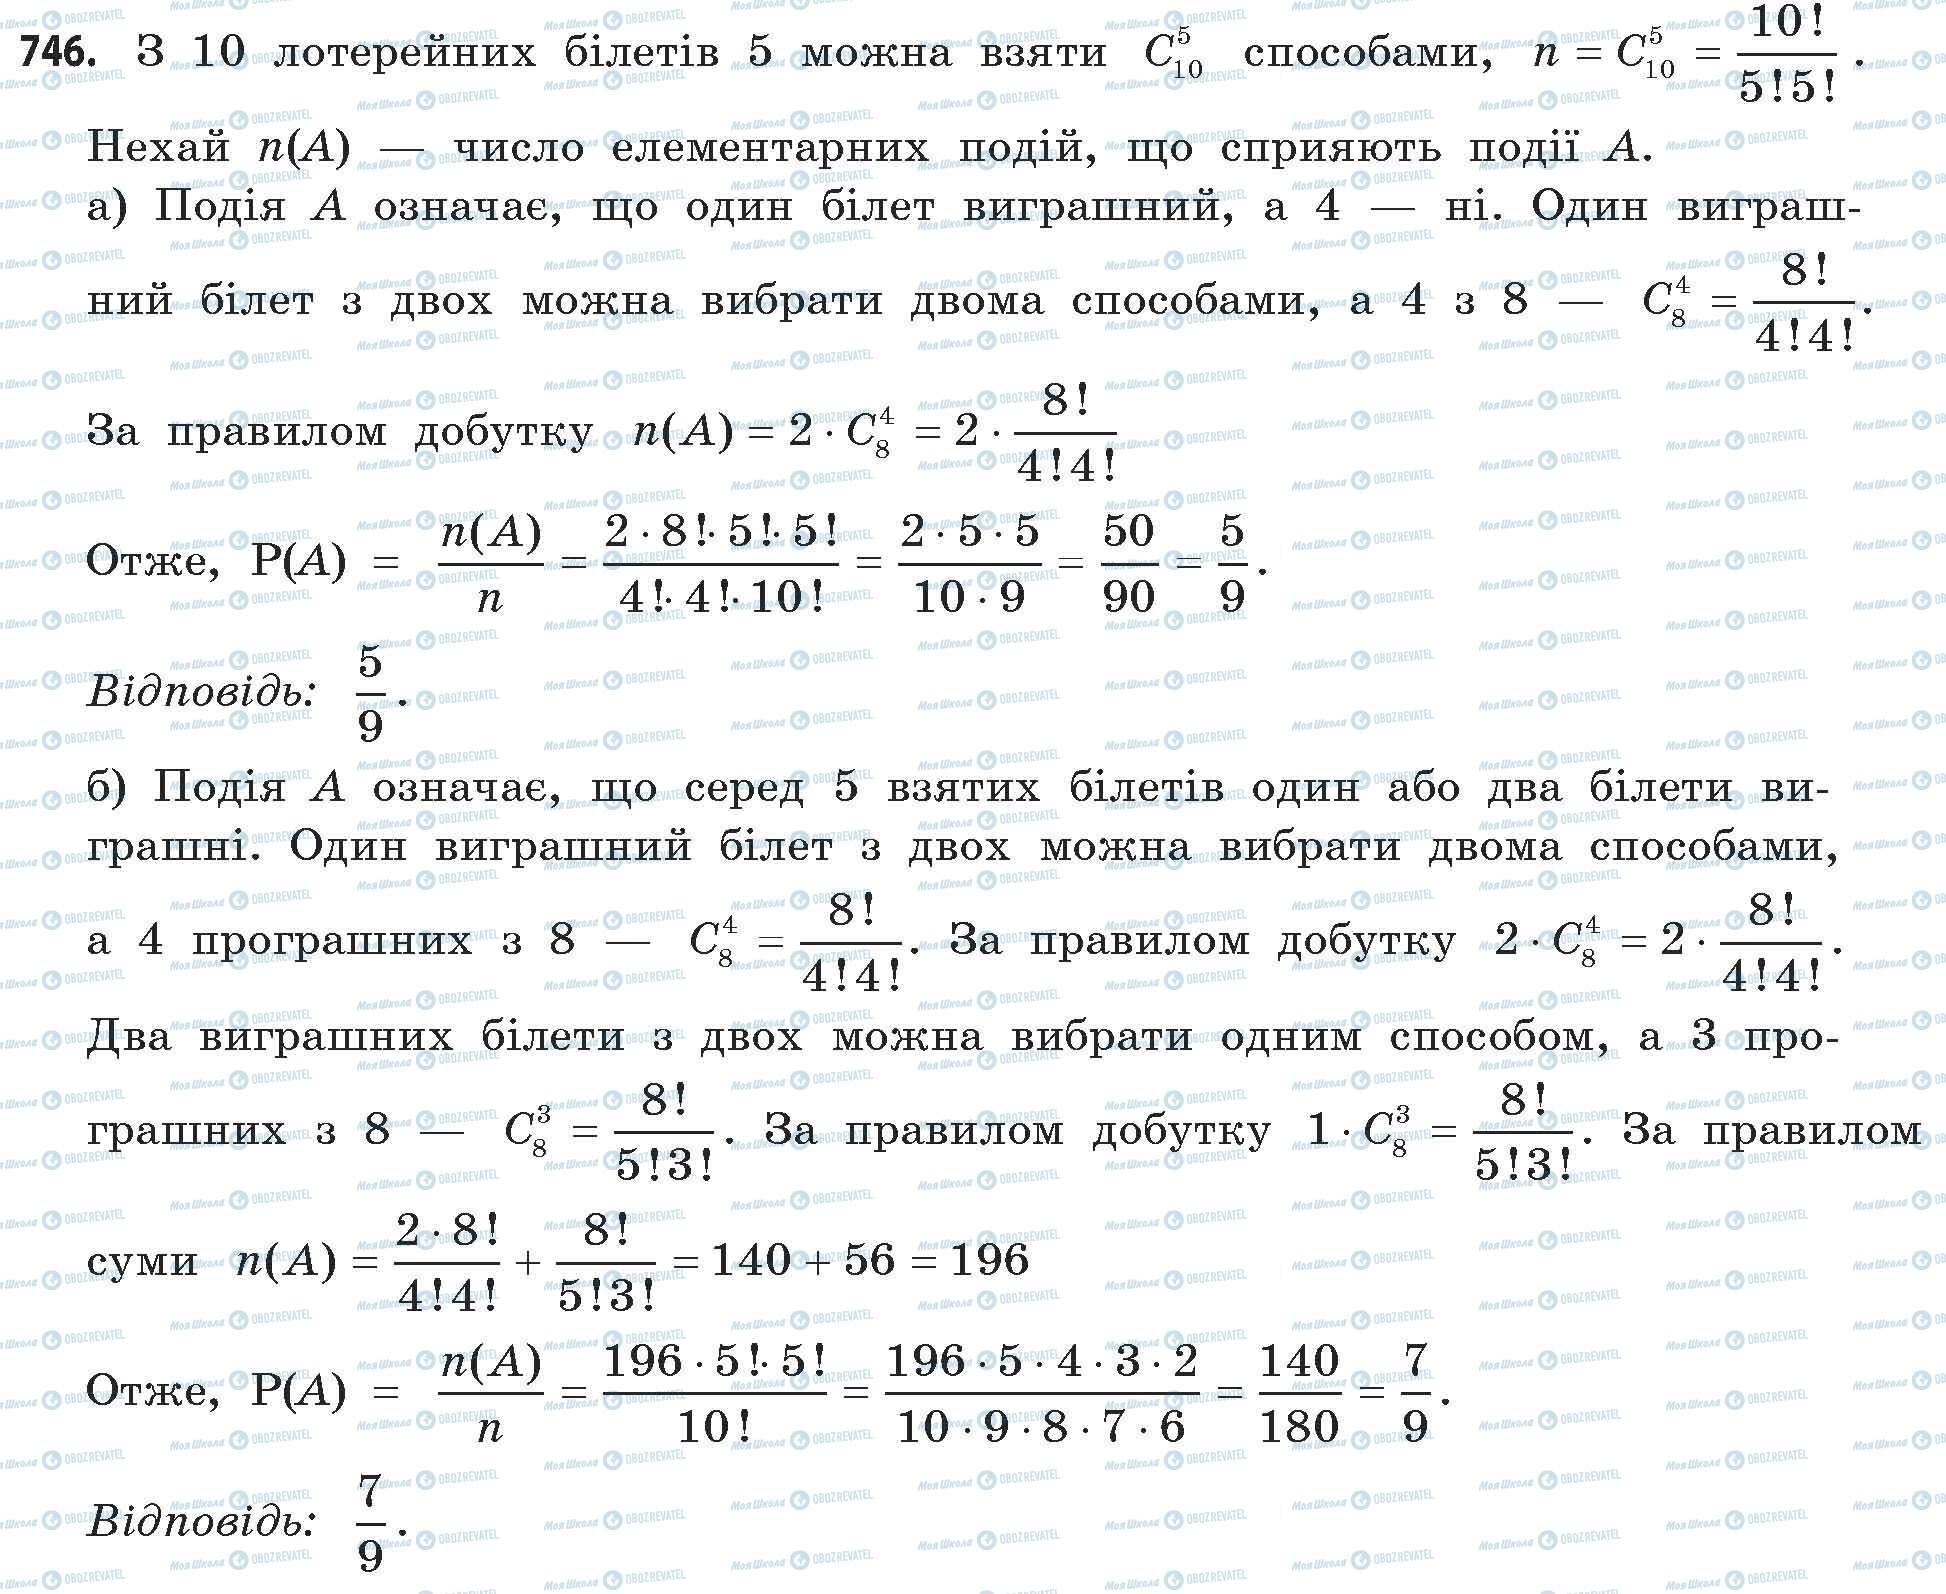 ГДЗ Математика 11 класс страница 746